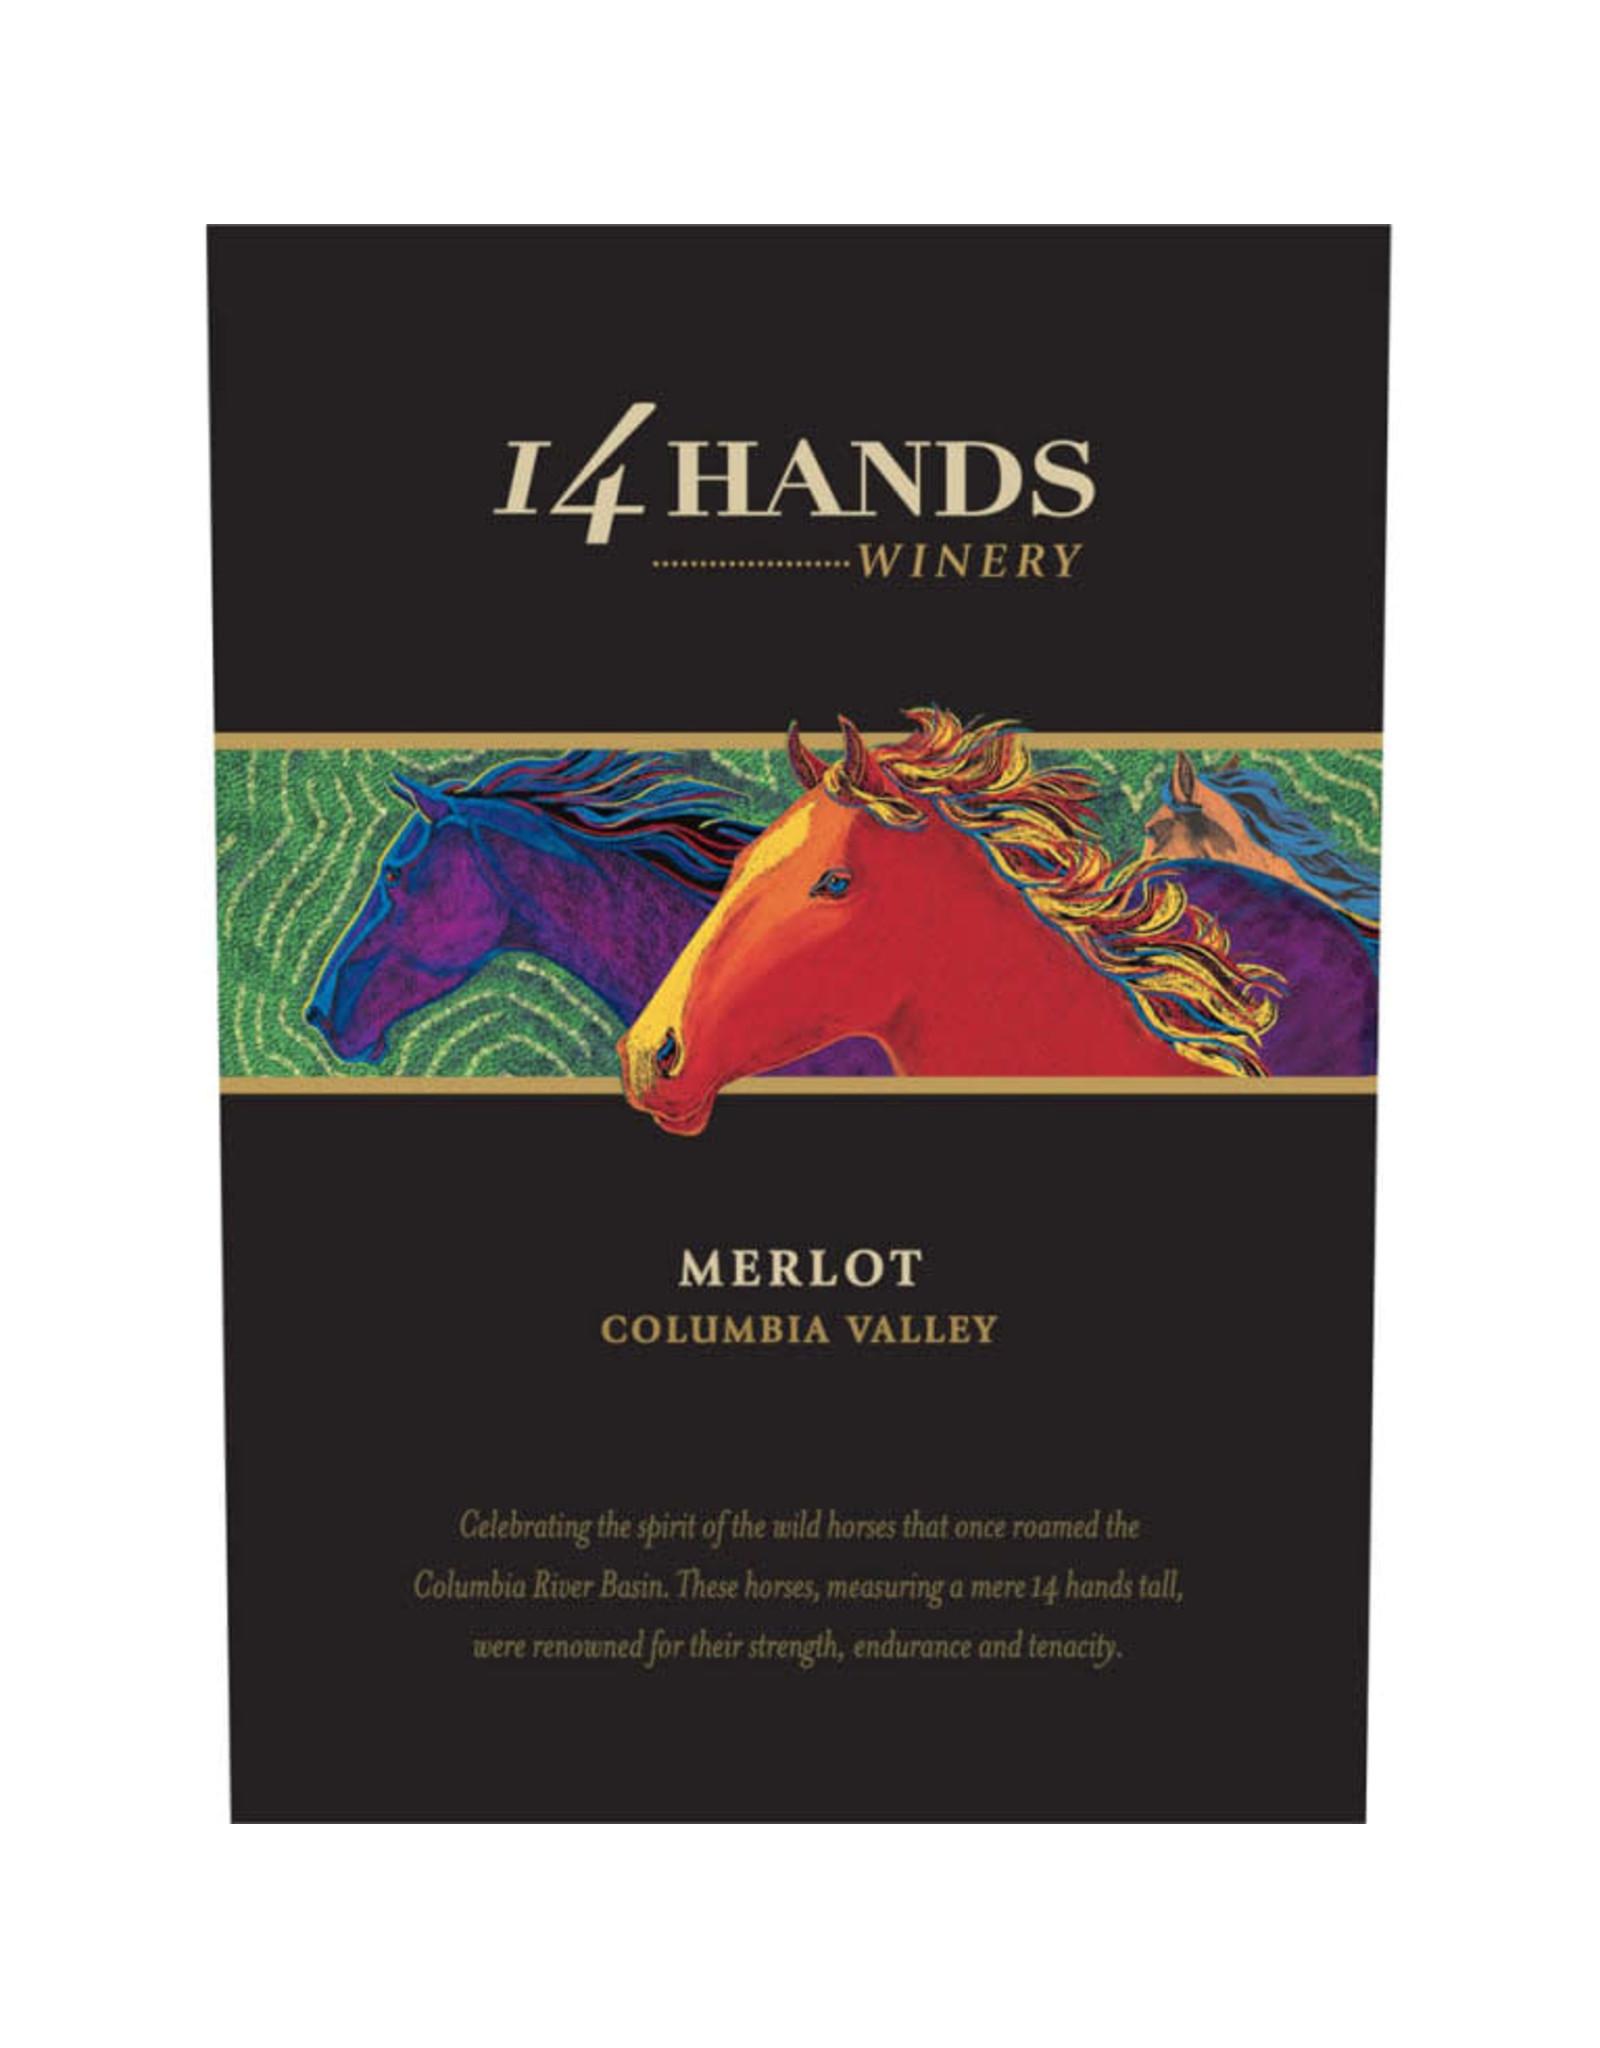 14 HANDS MERLOT 2015 750mL